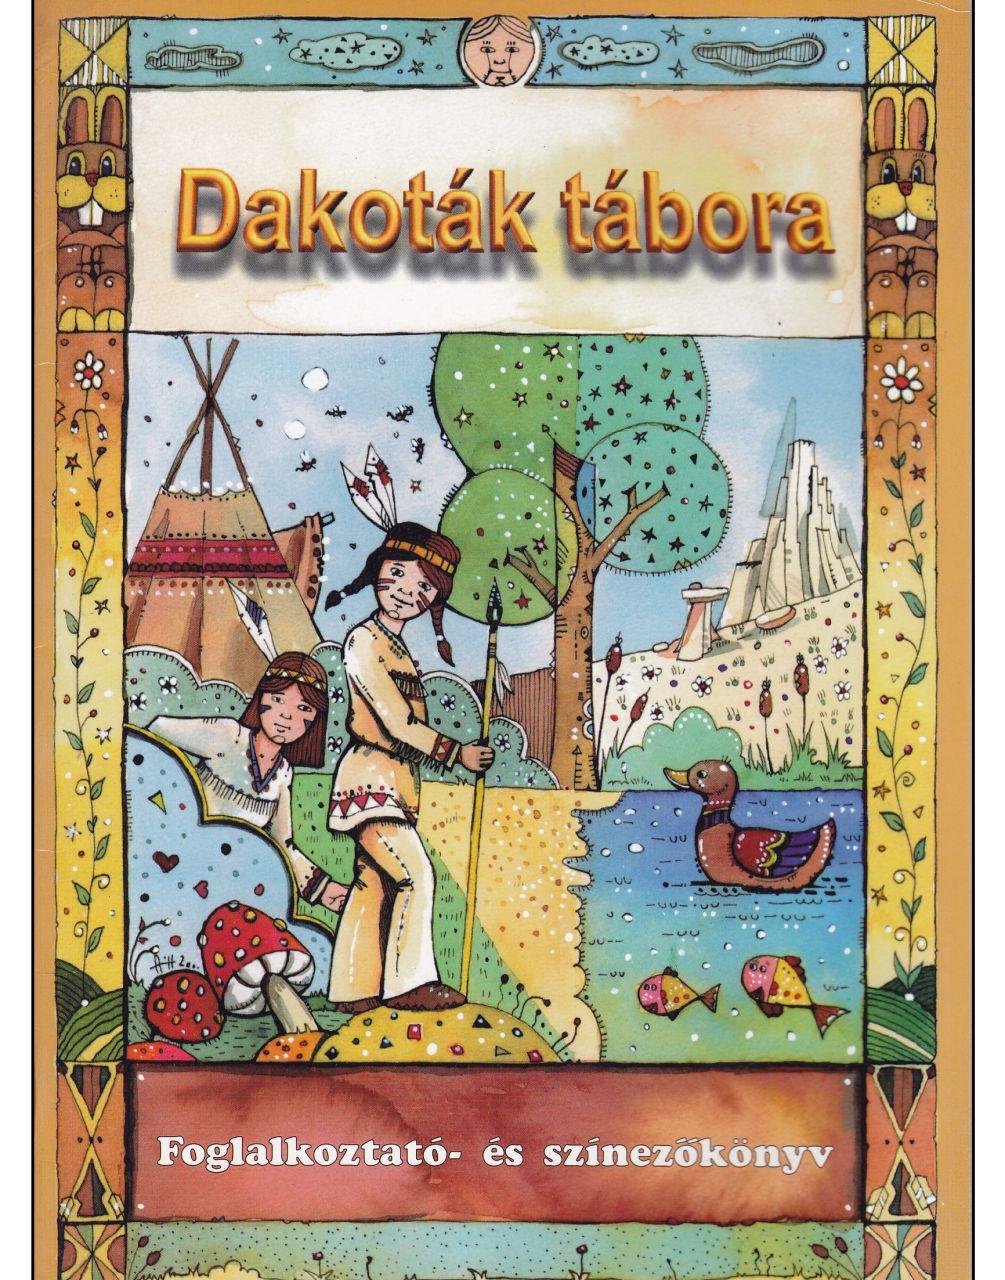 Dakoták tábora – Foglalkoztató- és színezőkönyv (könyv)